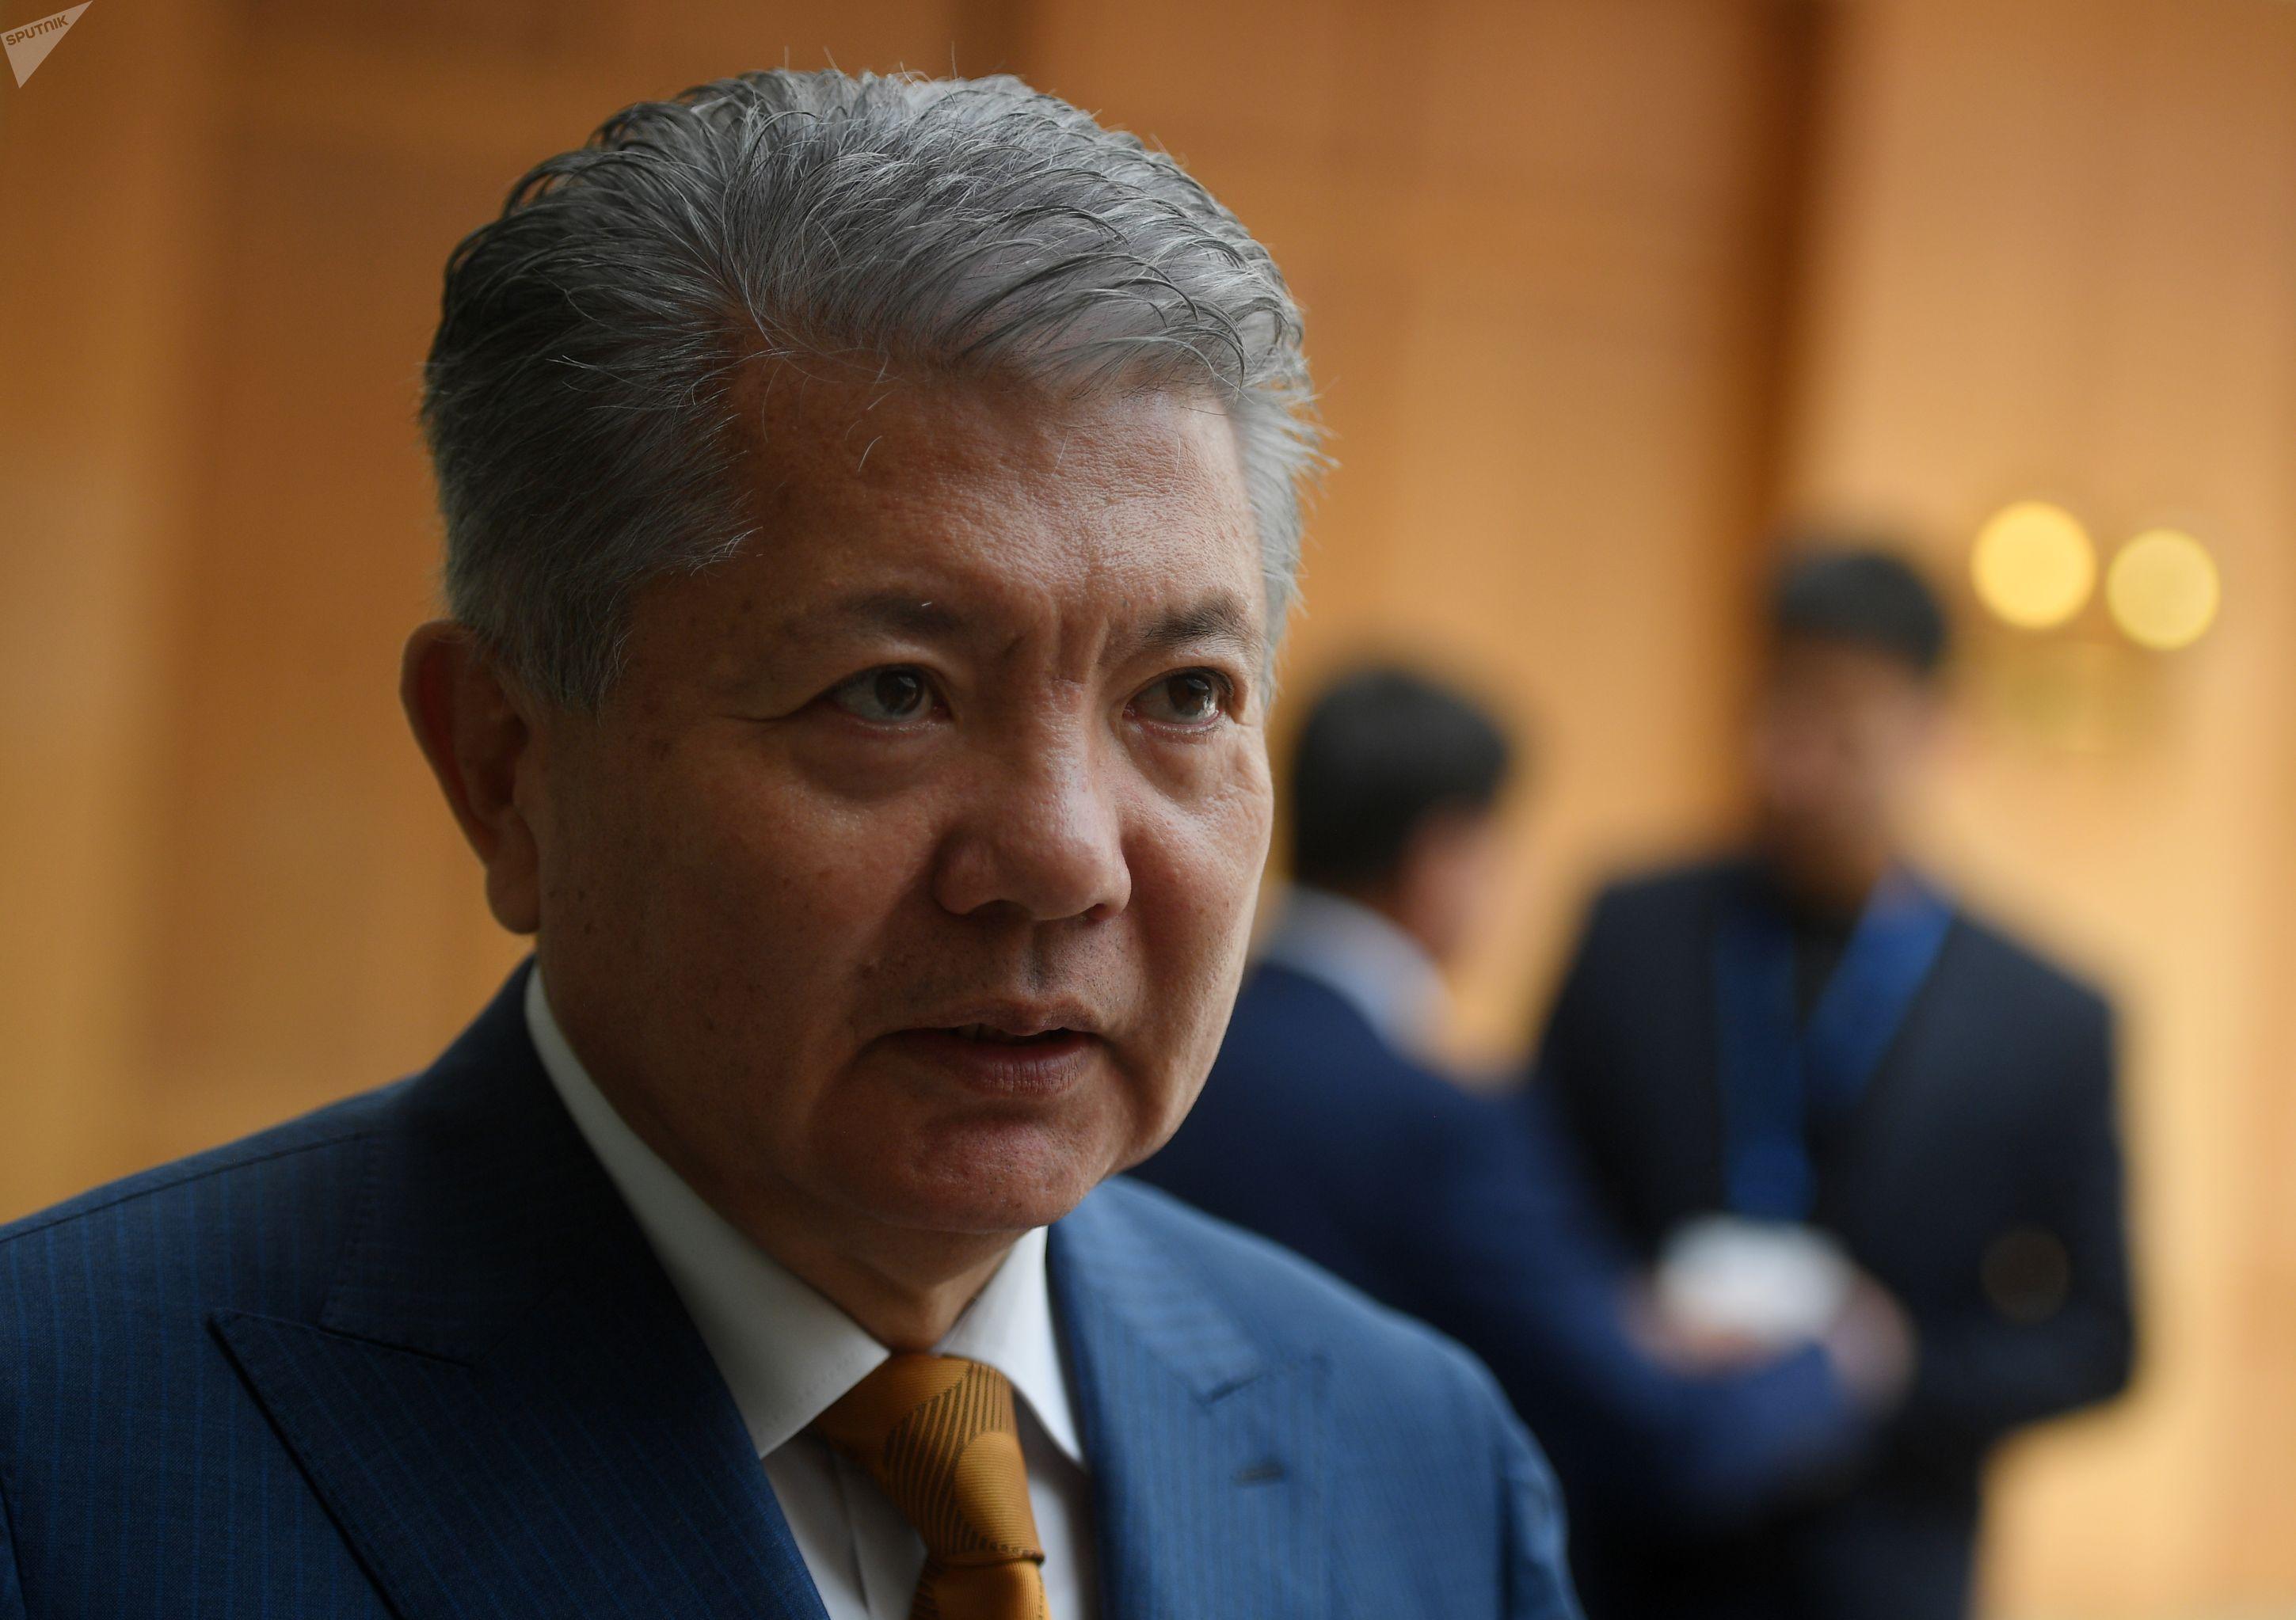 Посол Кыргызстана в России Аликбек Джекшенкулов на туристическом форуме Солнечный Кыргызстан - Иссык-Куль 2019 в Москве.